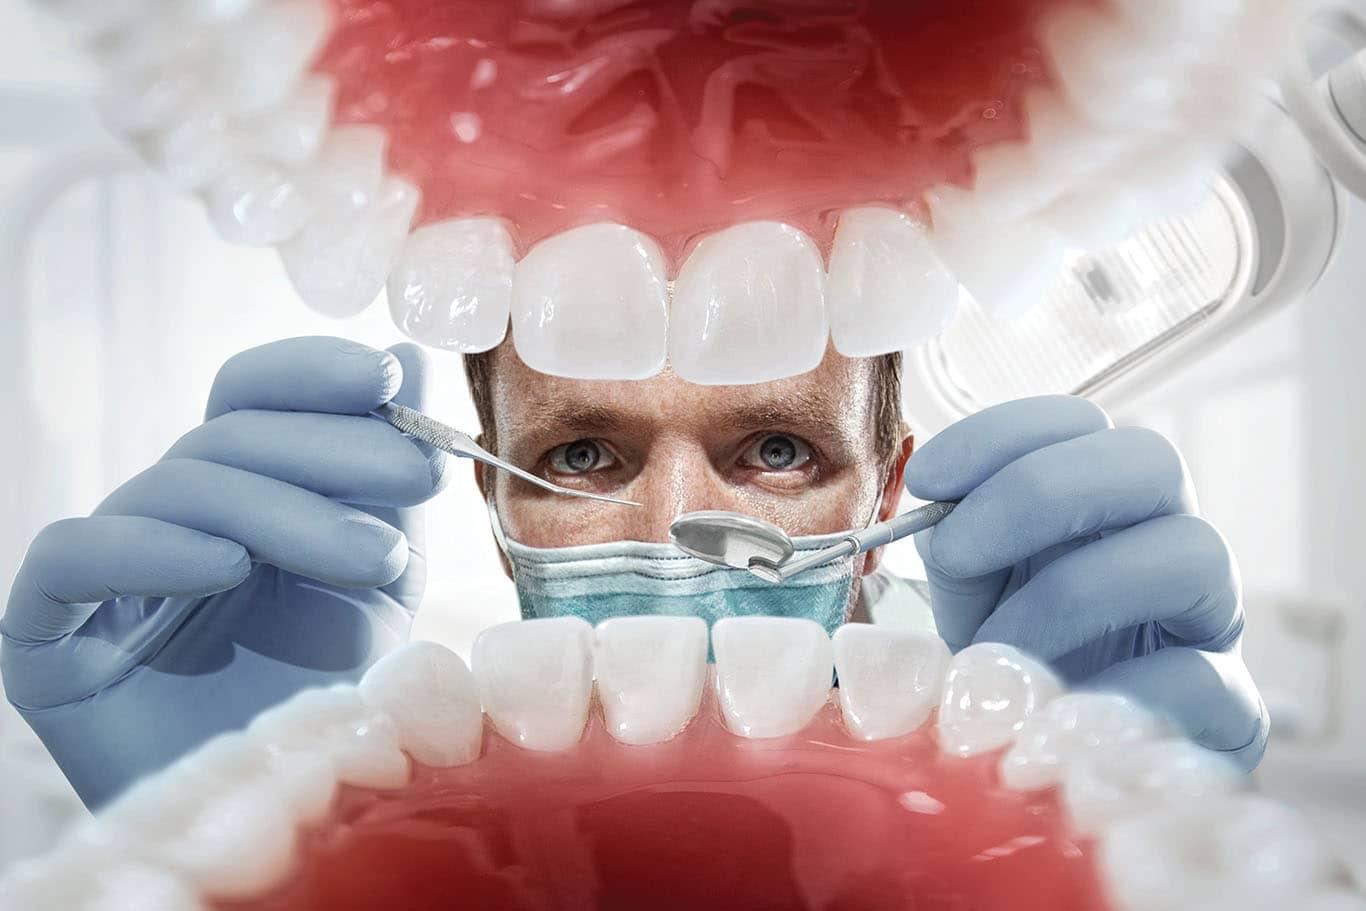 Stomatologiya yenilikləri: Dişlər 9 həftəyə ağızda çıxacaq